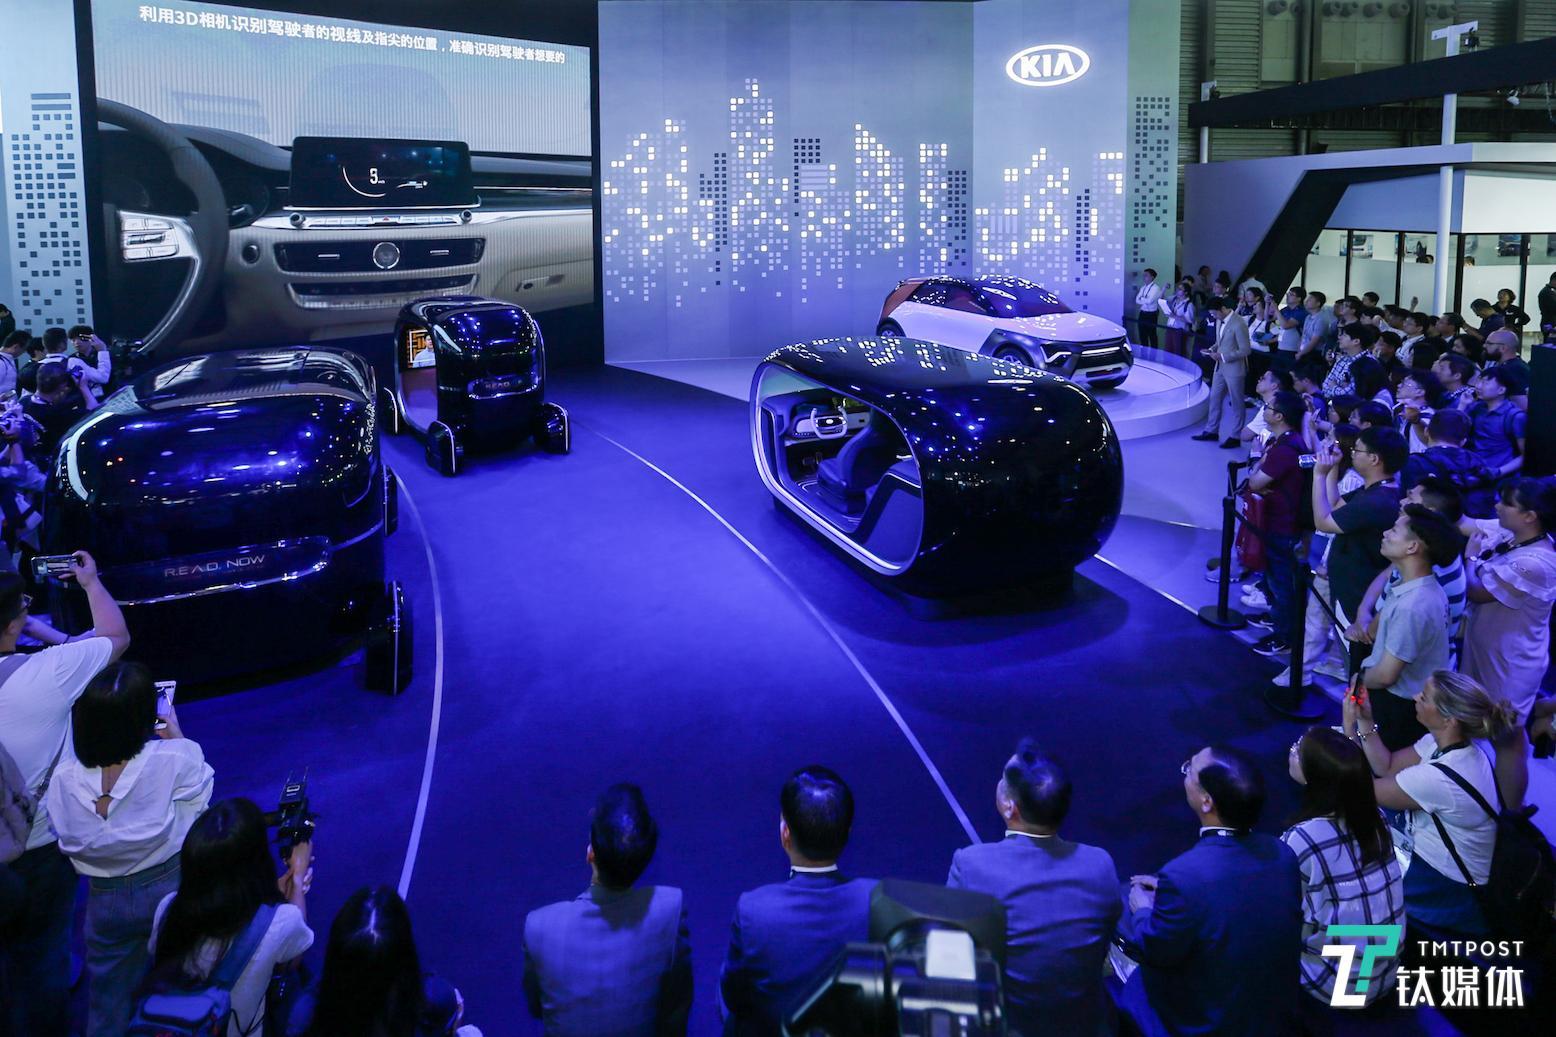 起亚Habaniro概念车中国首秀,并亮相了一套情感识别系统 | CESA 2019